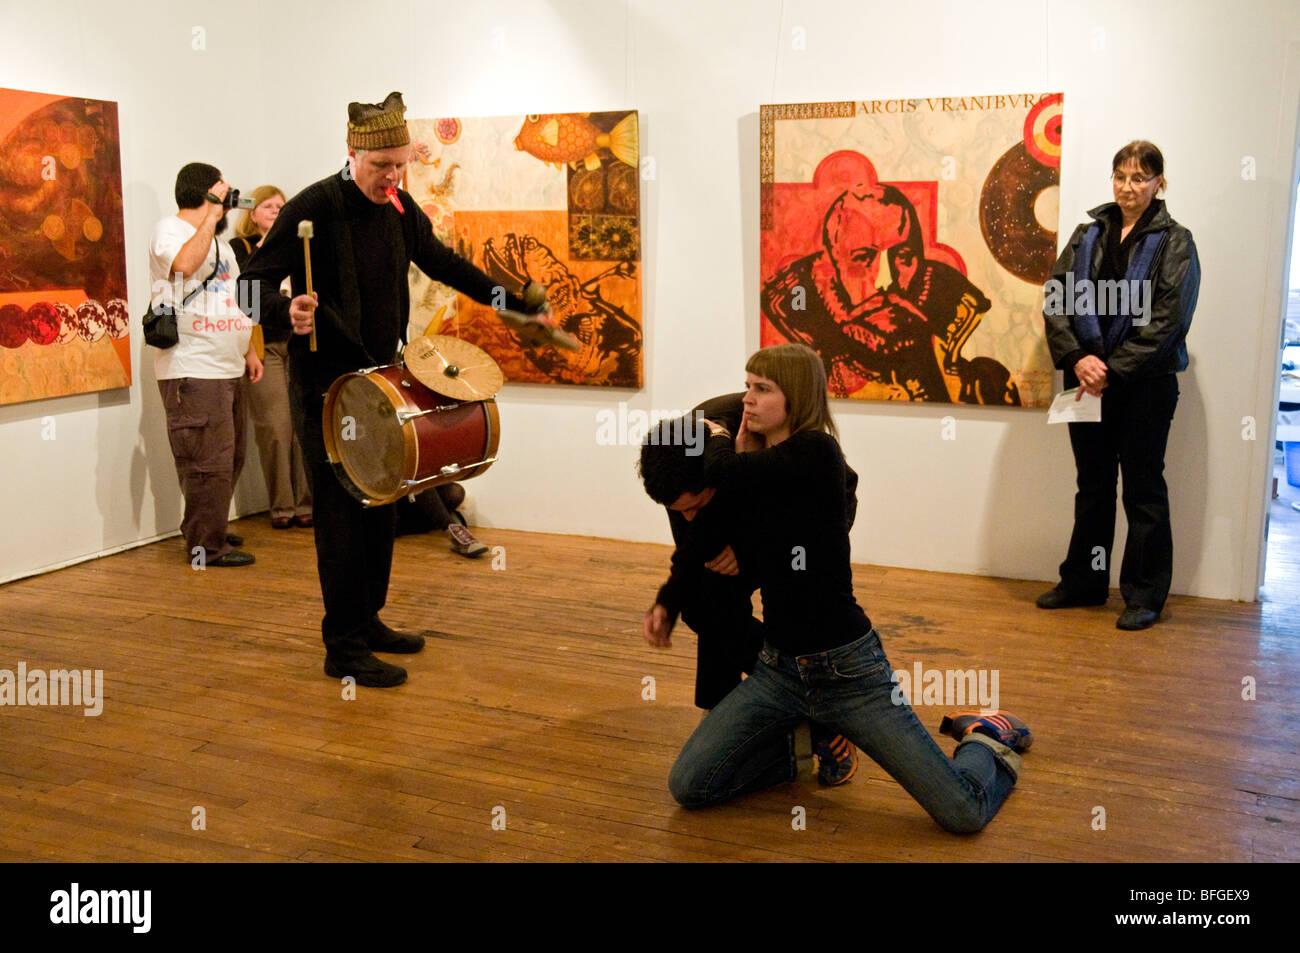 Show artistique dans une galerie d'art le centre-ville de Montréal Édifice Belgo Banque D'Images